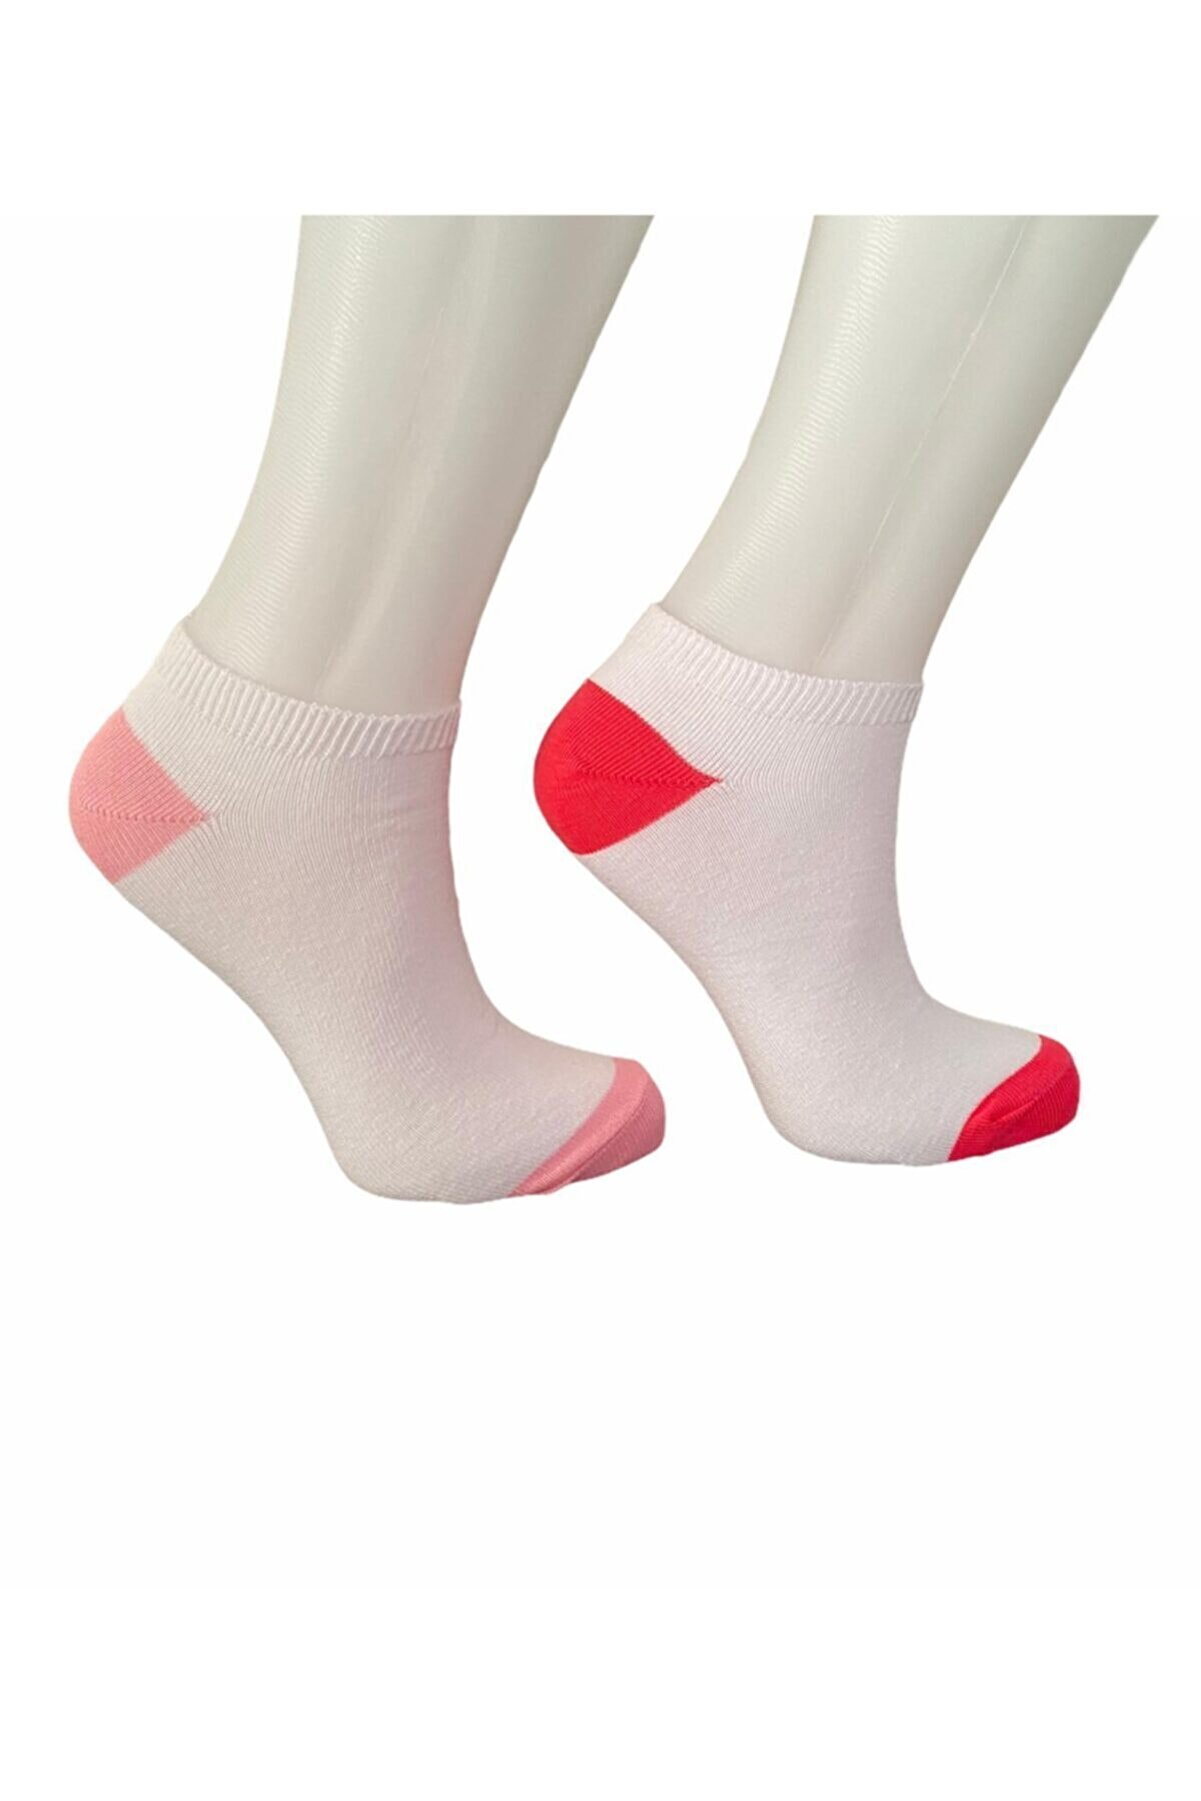 NEWSOCKS Kadın Topuk Burun Renkli Patik 2'li